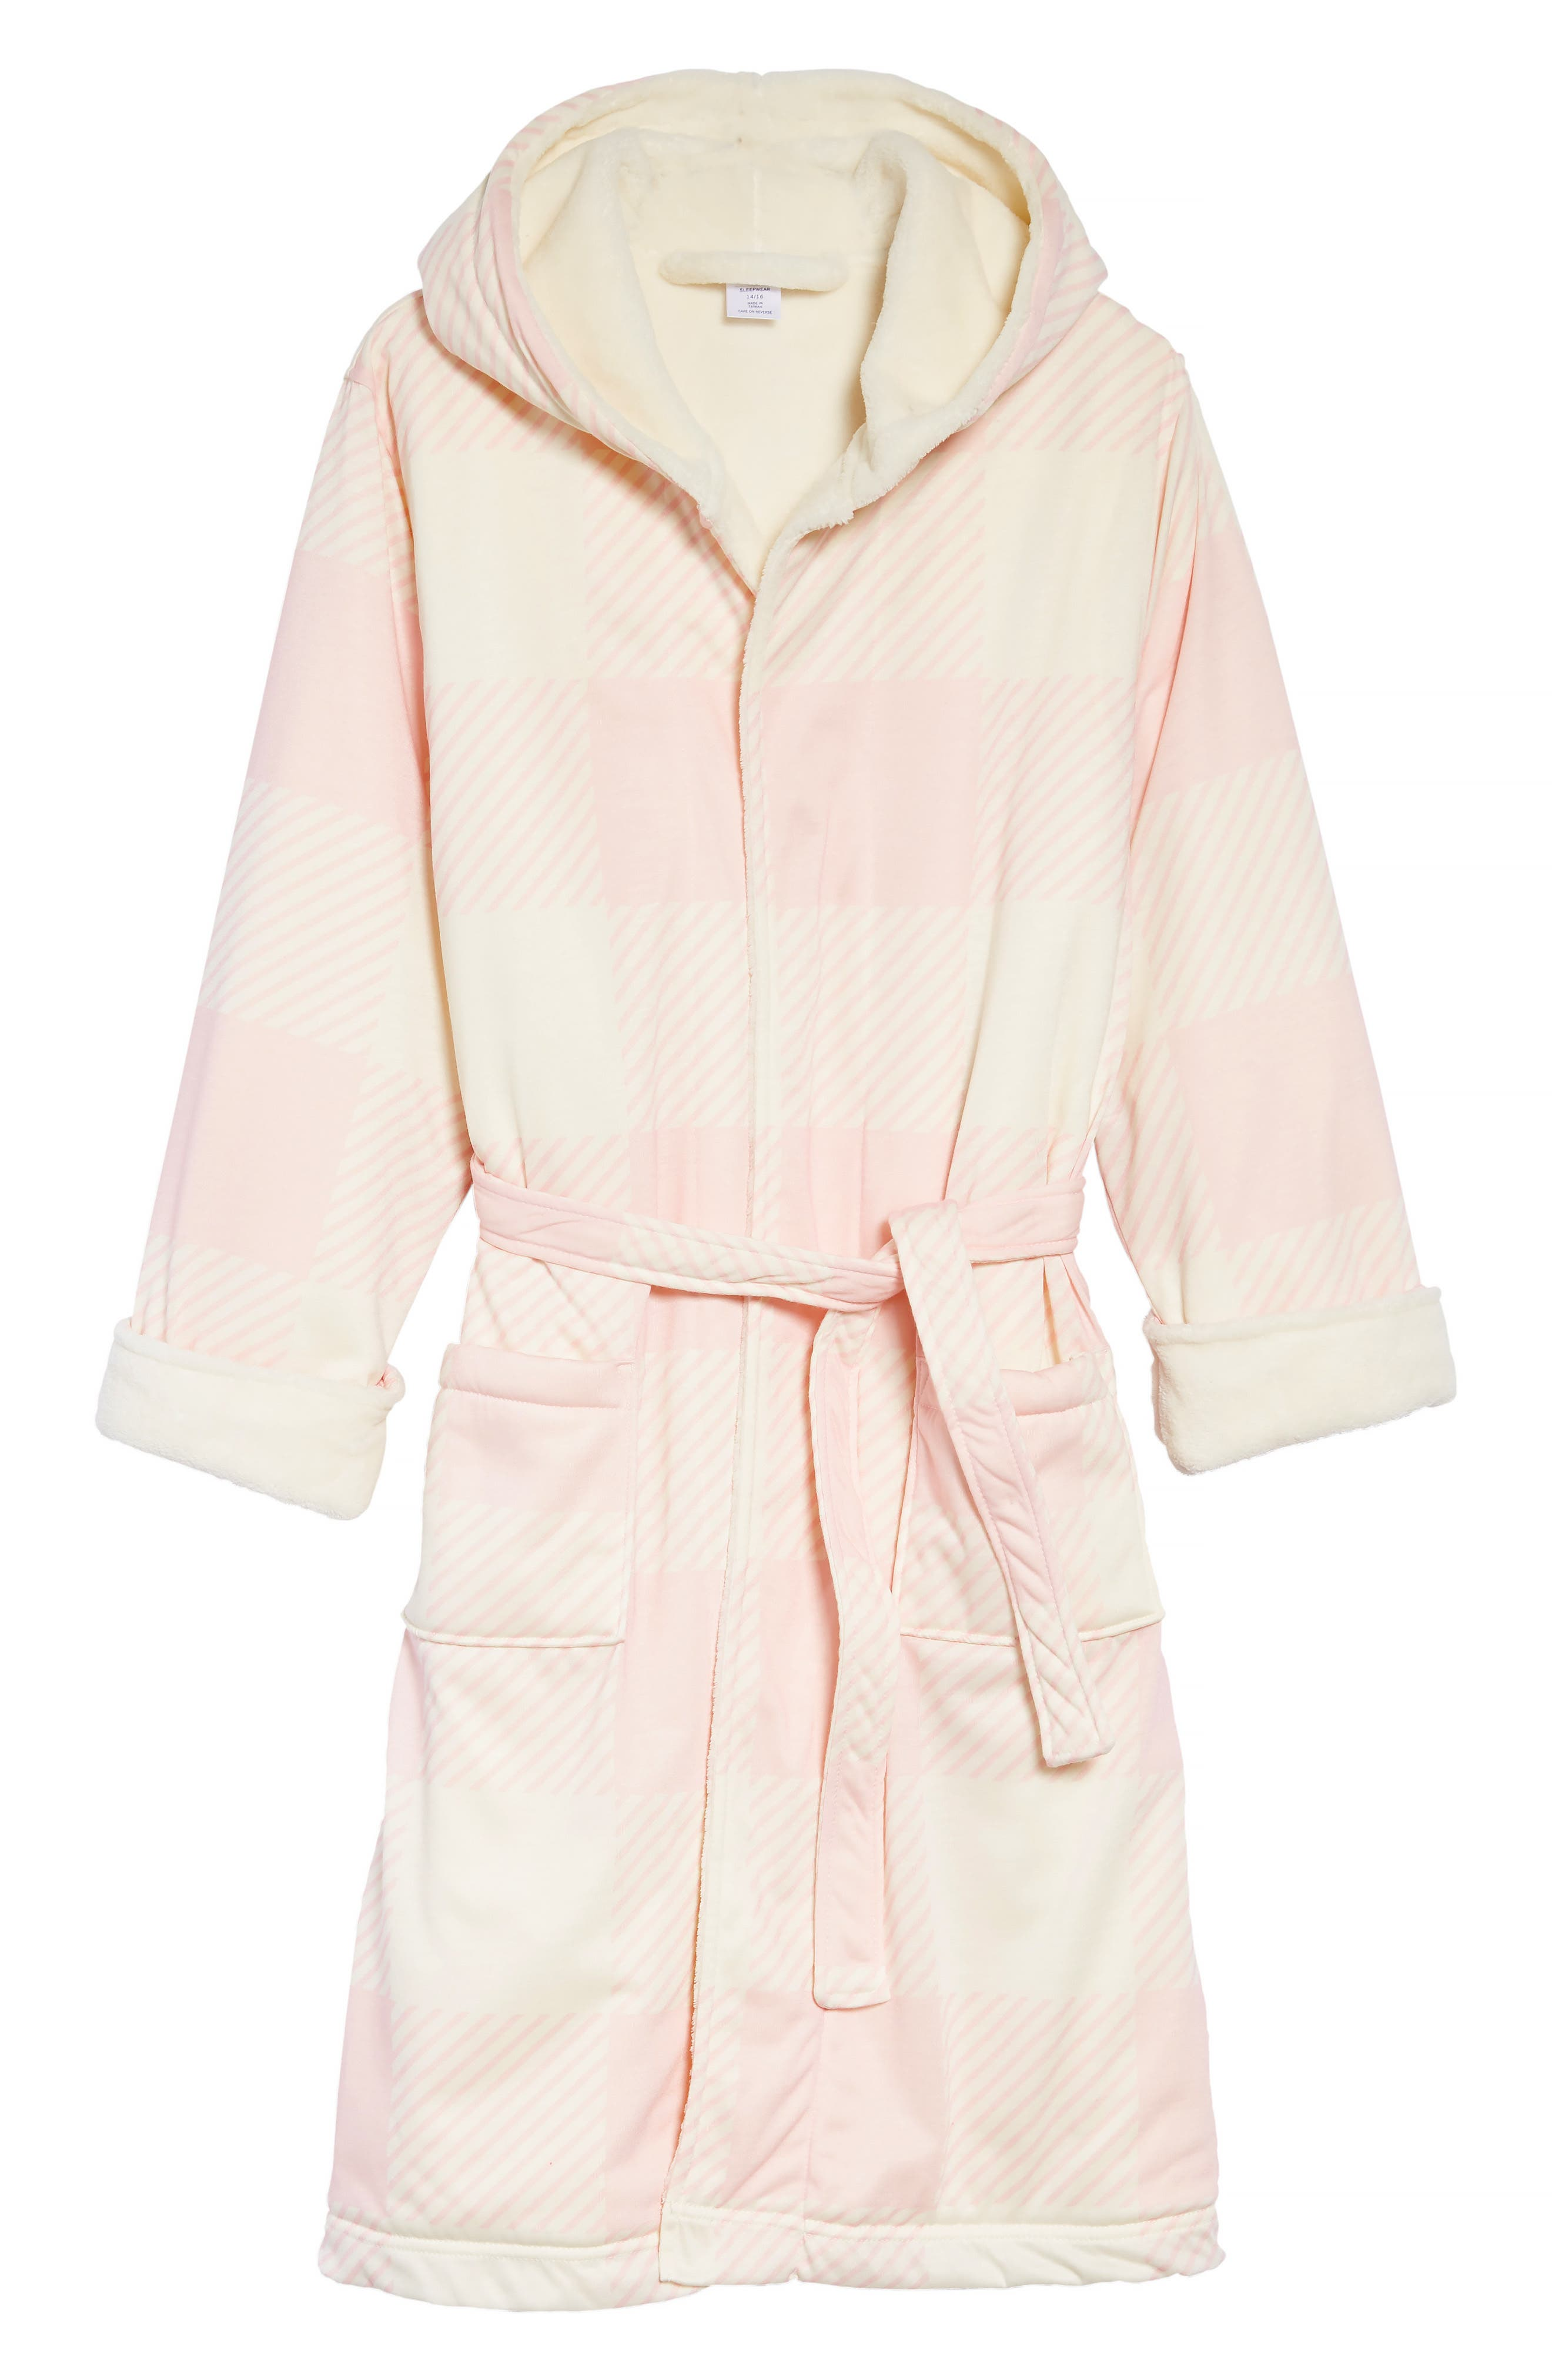 Plush Lined Robe,                             Main thumbnail 1, color,                             PINK BABY CHECK